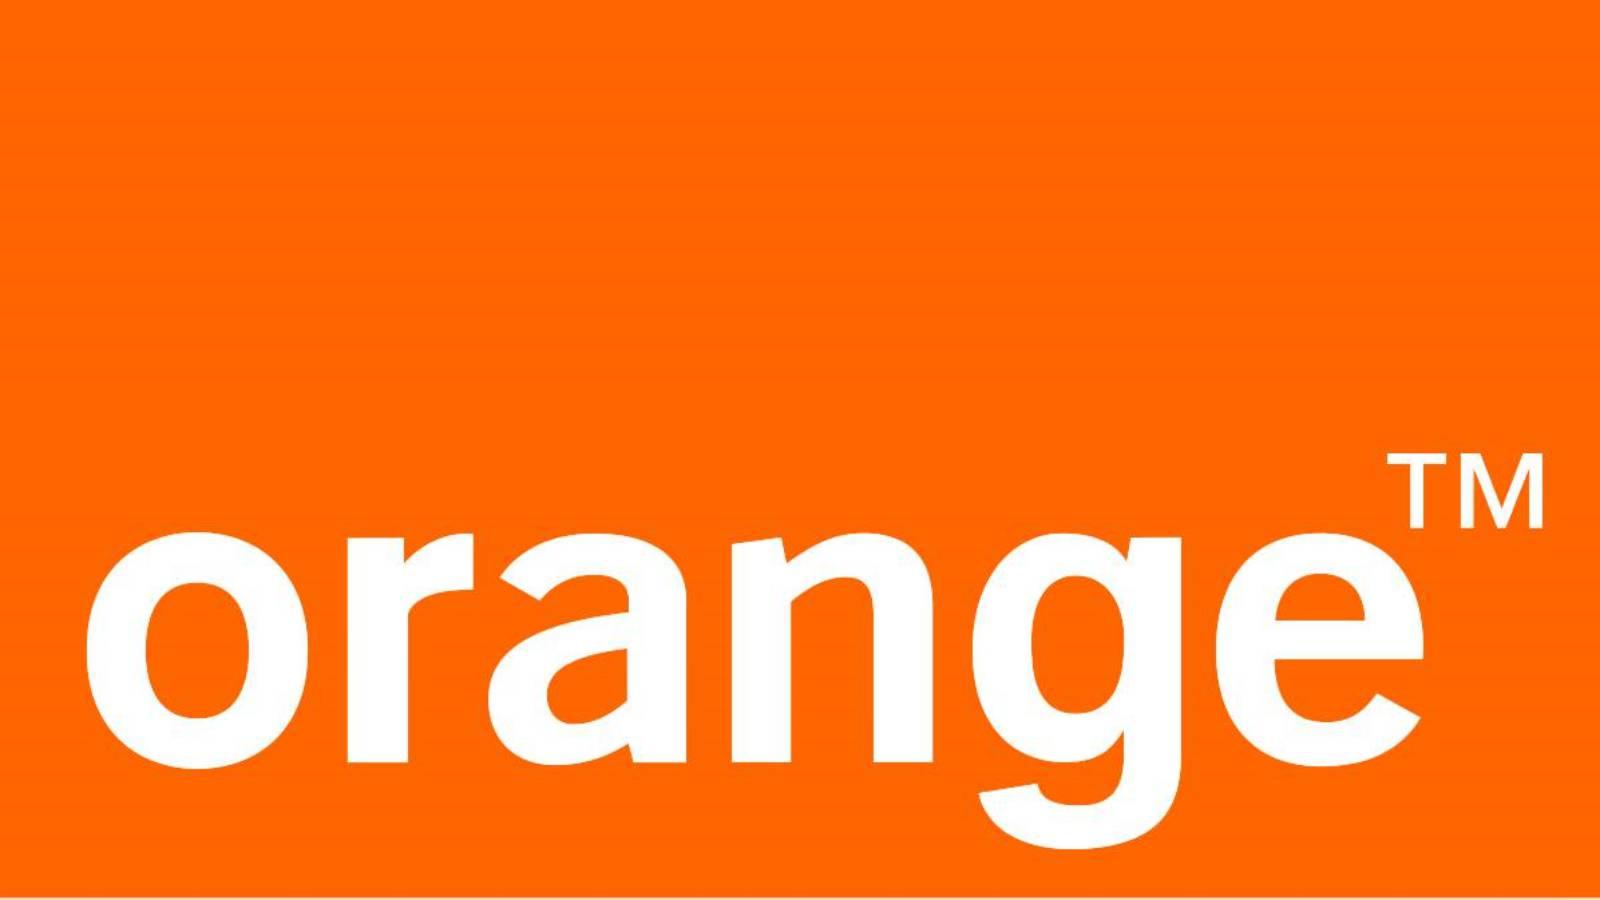 Orange tombola